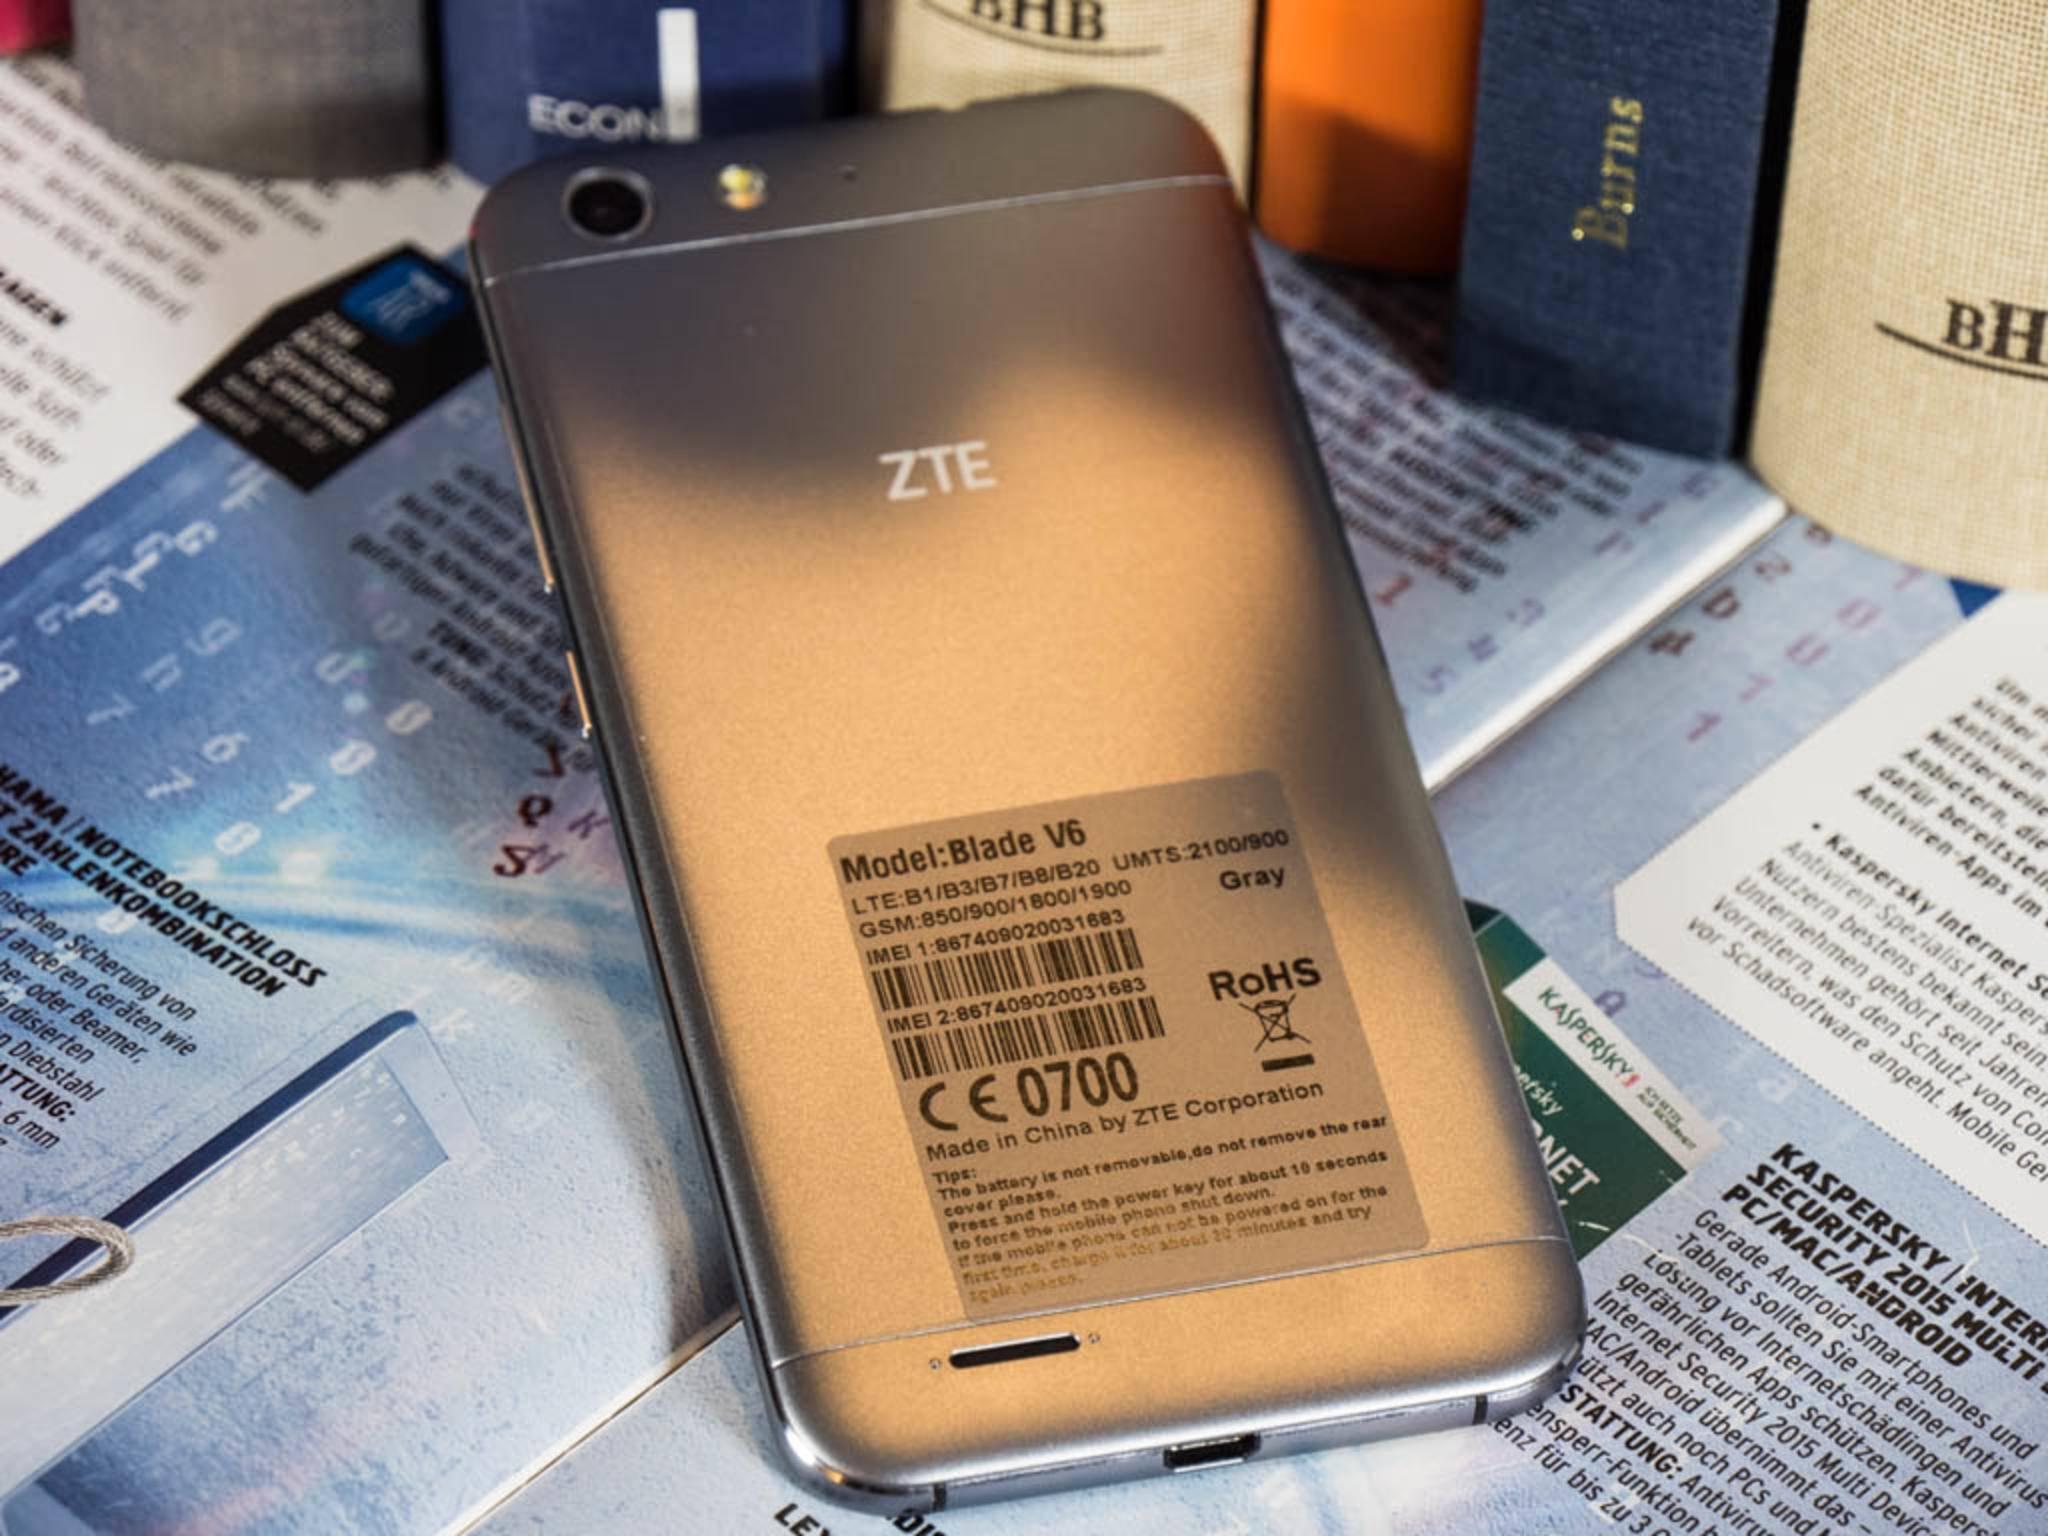 Das ZTE Blade V6 wird ab September 2015 im Handel erhältlich sein.